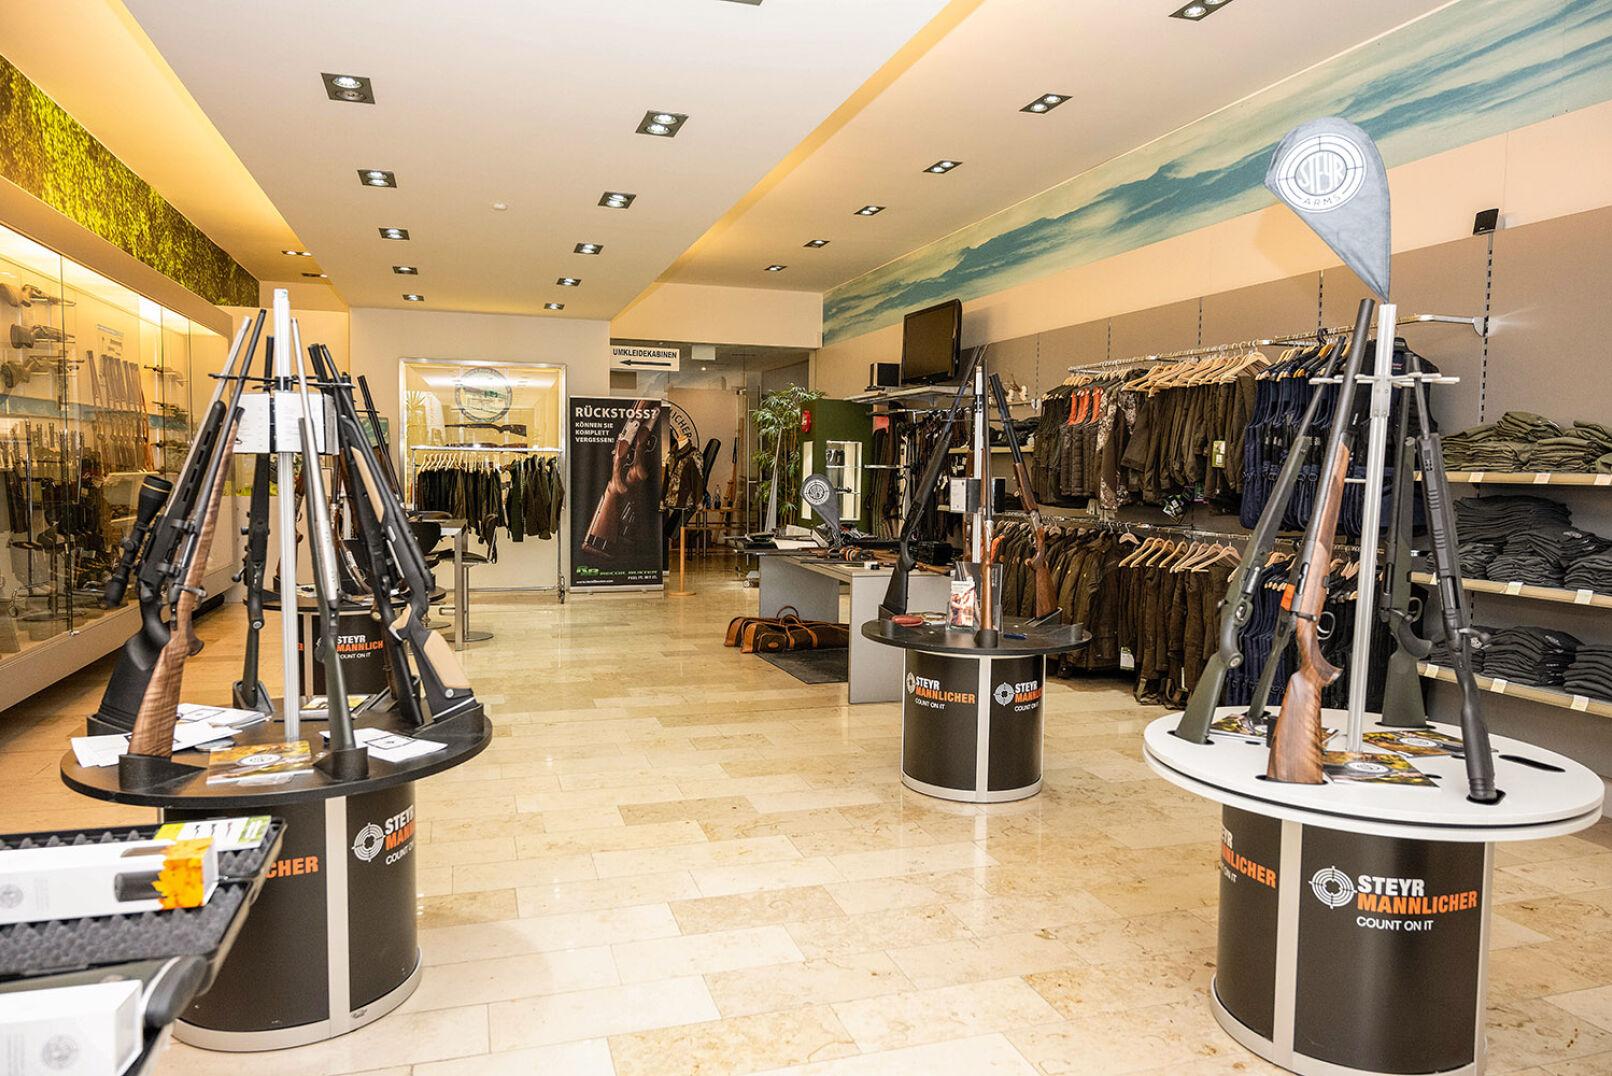 Der Steyr-Arms-Shop lässt keine Wünsche offen! - © Barbara Marko